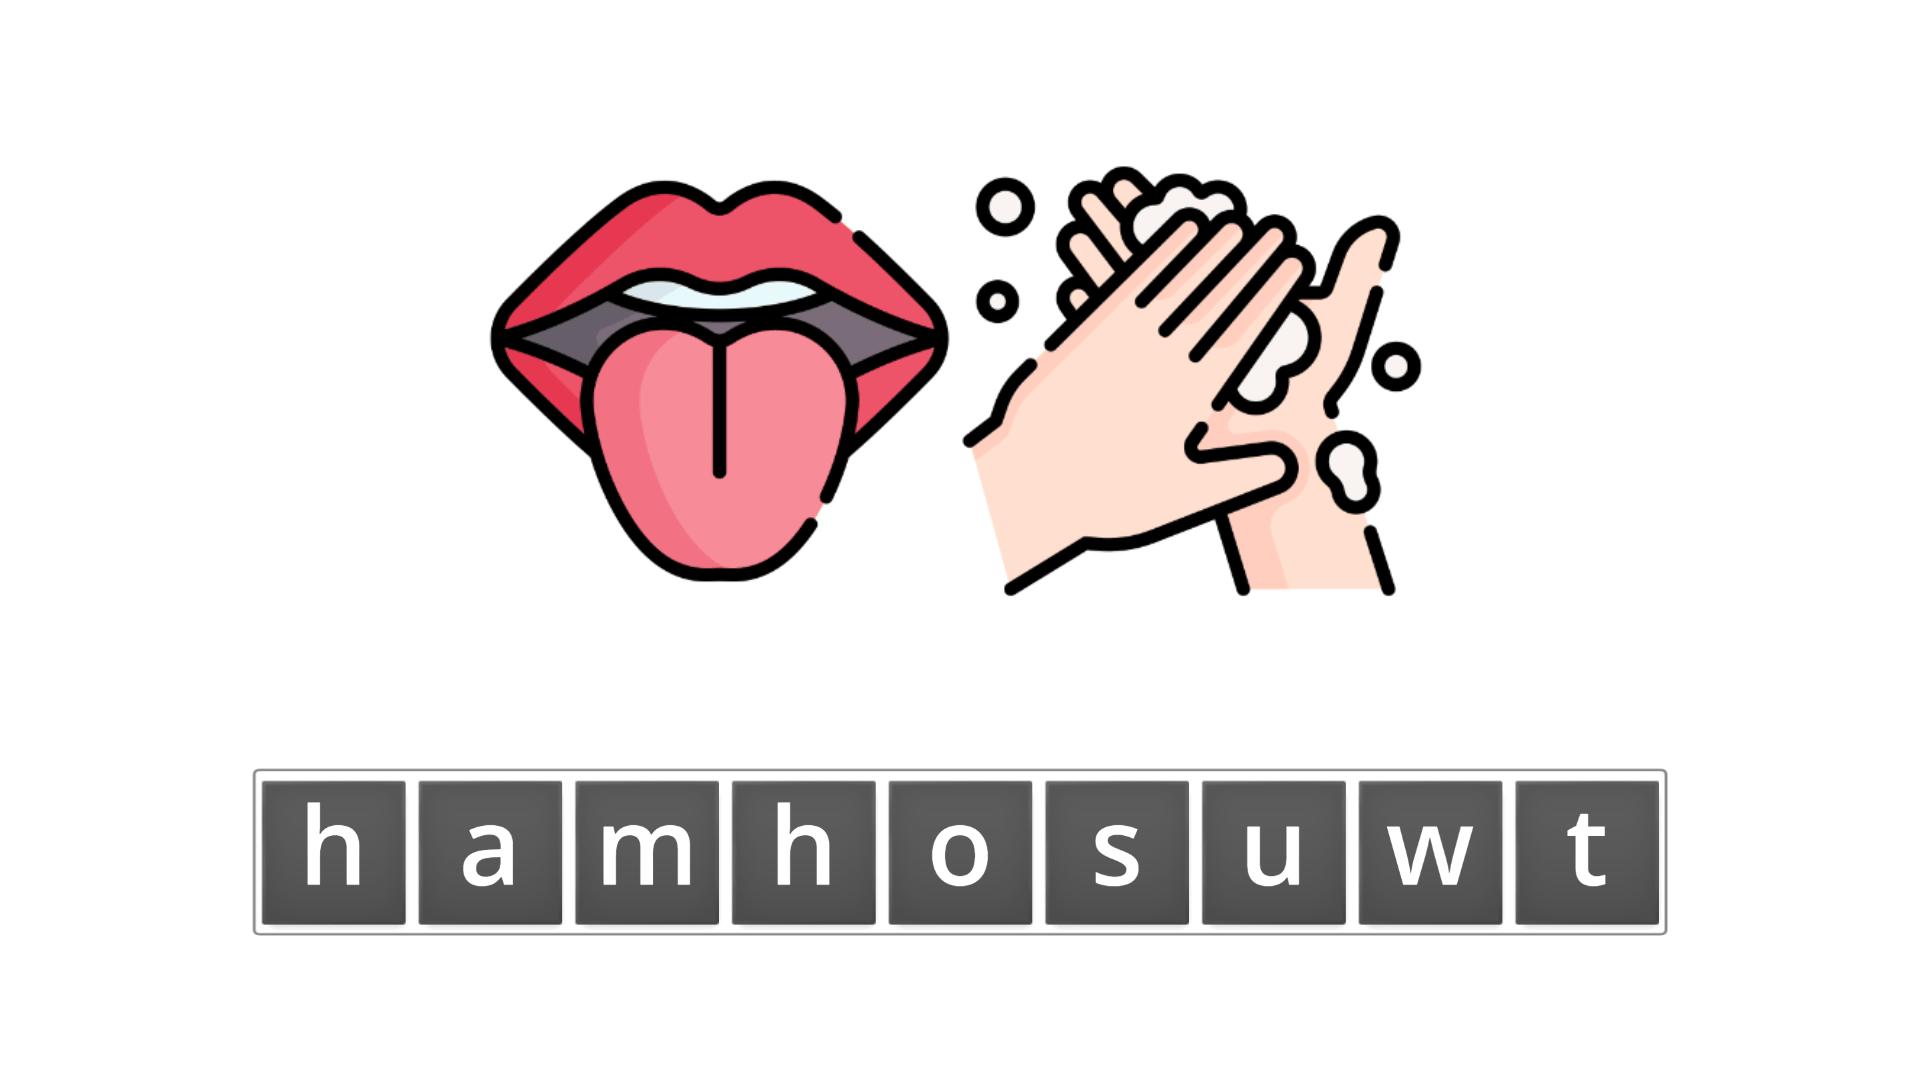 esl resources - flashcards - compound nouns  - unscramble - mouthwash